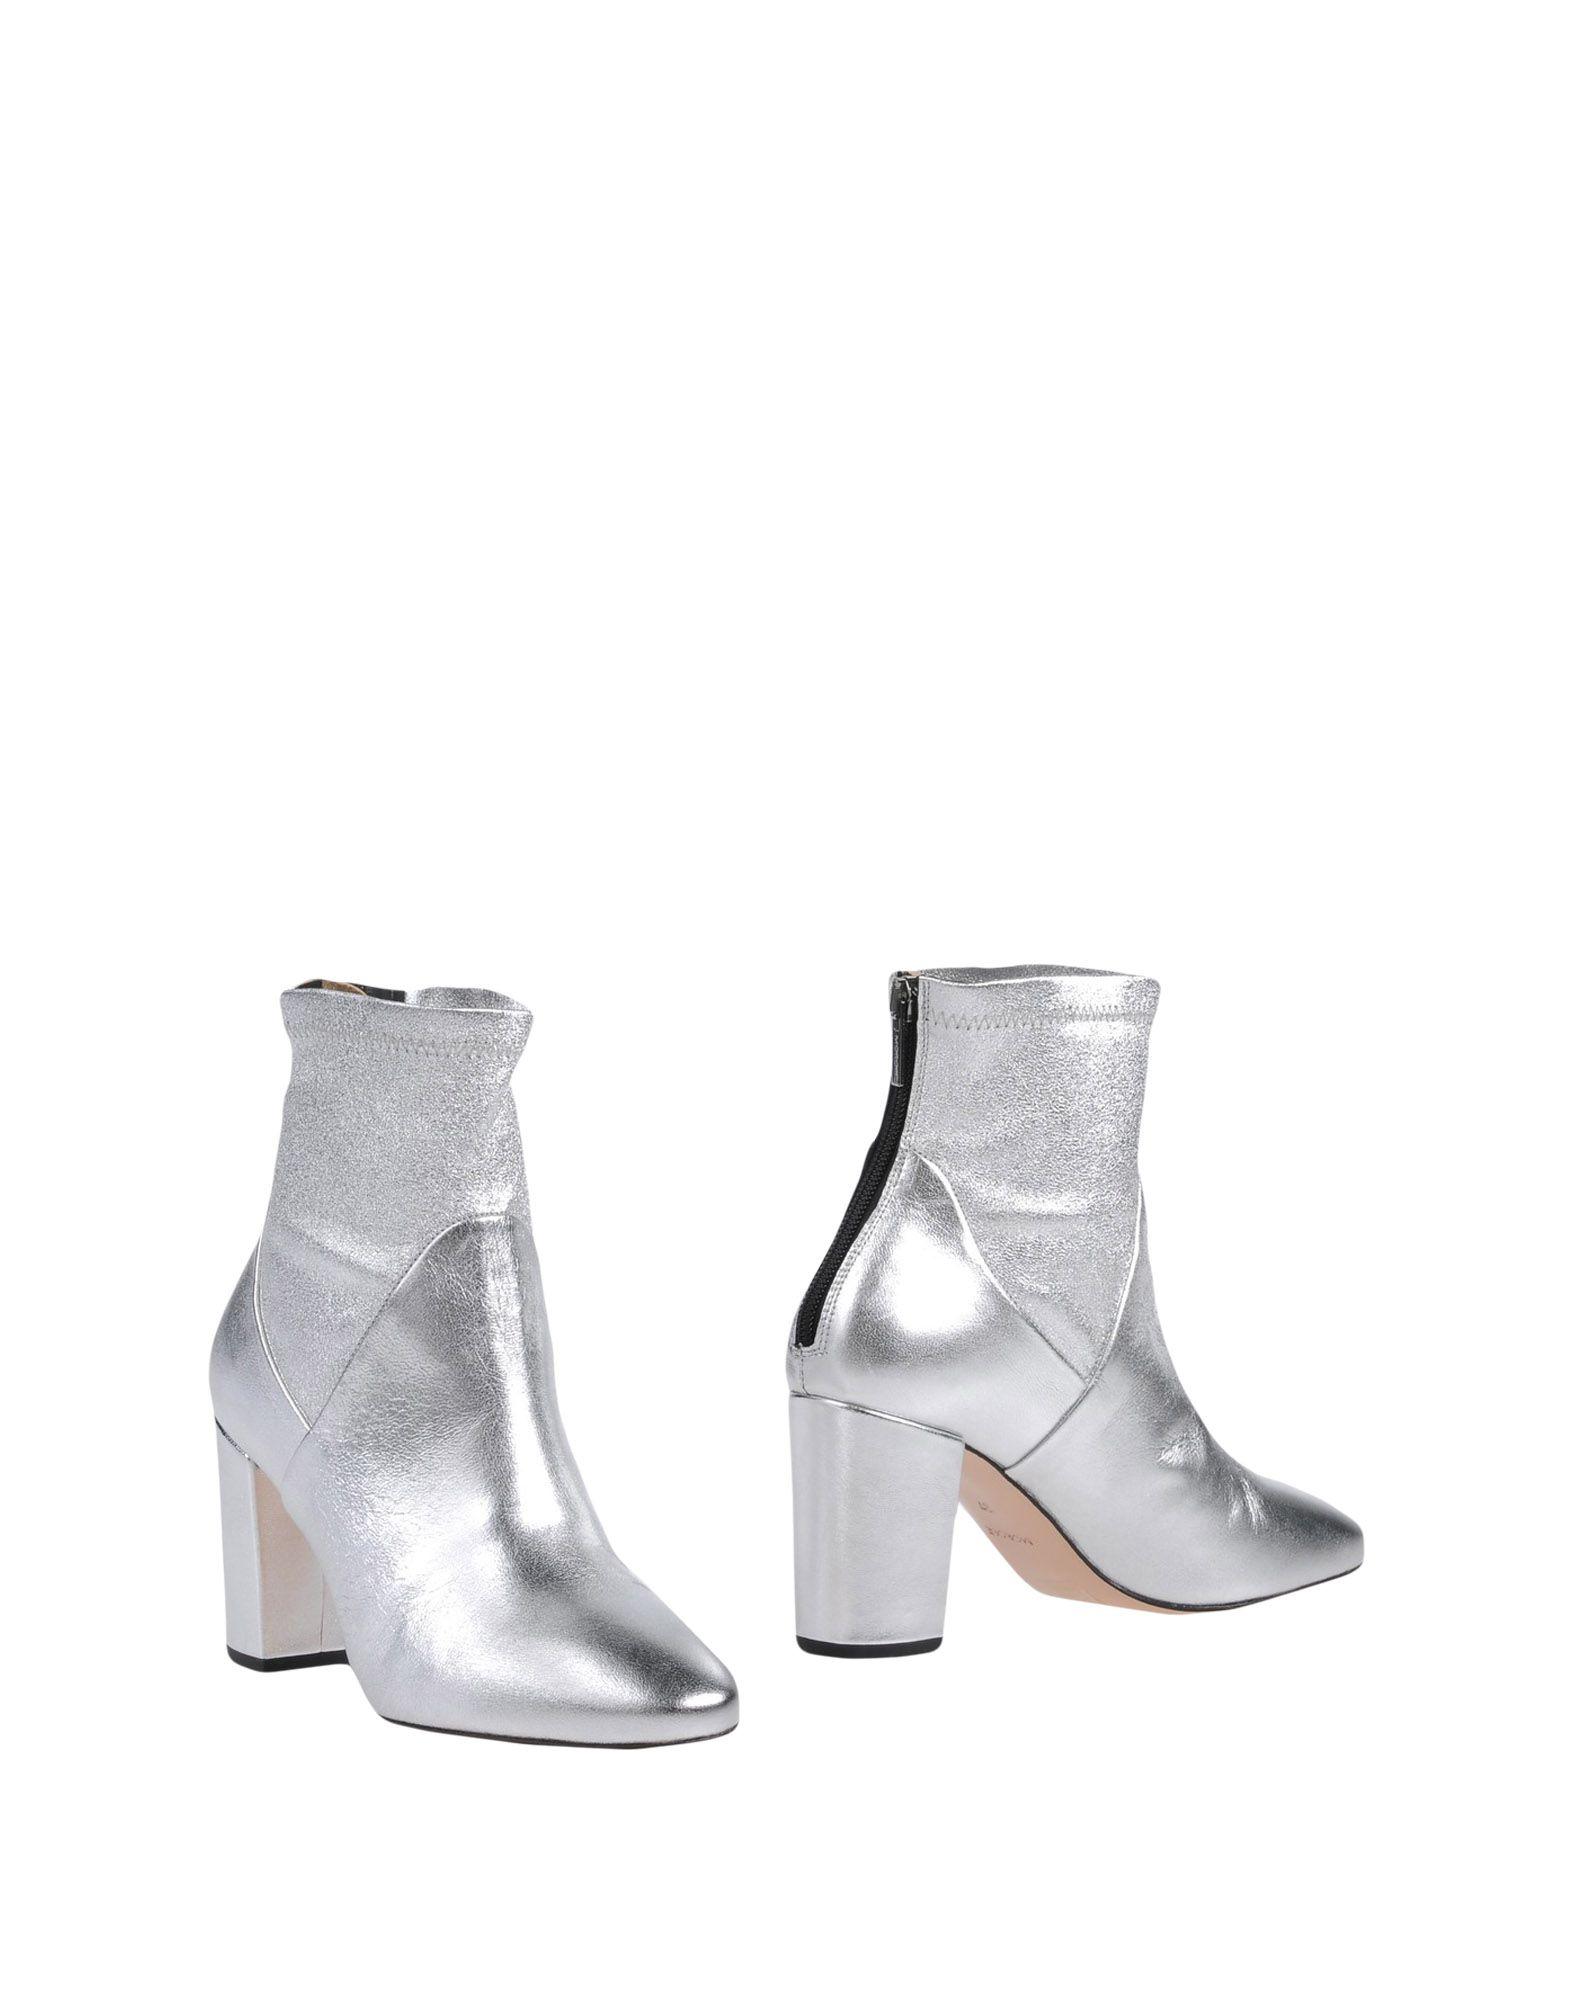 Morobē Stiefelette Damen  11450398QR Gute Qualität beliebte Schuhe